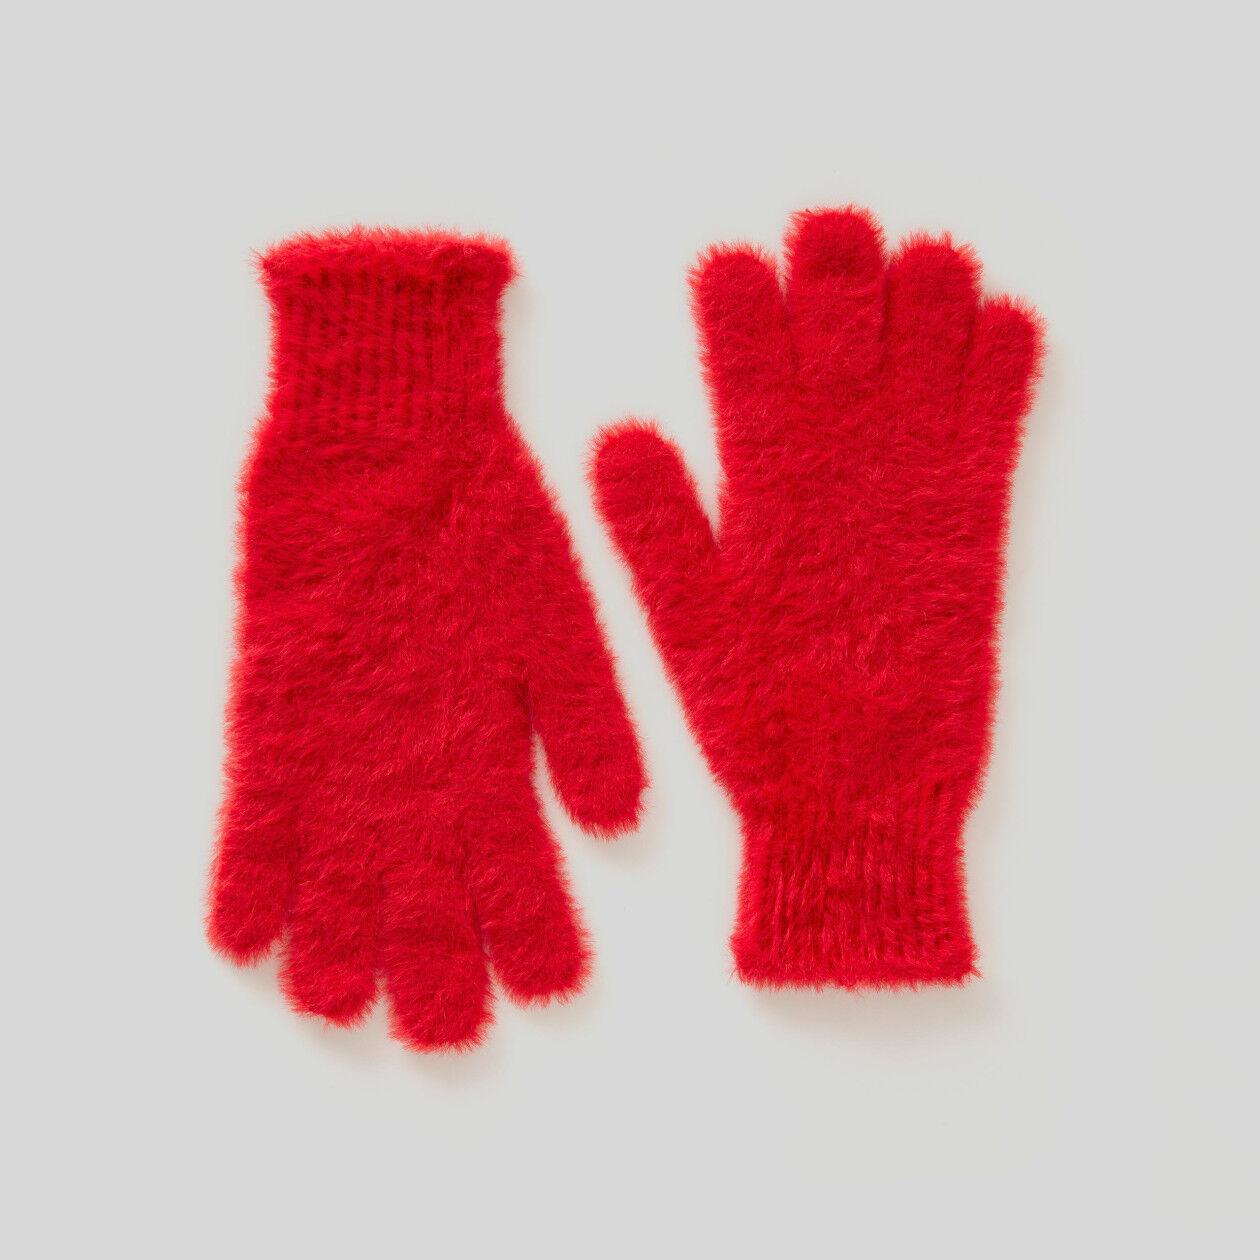 Γάντια από νήμα από μακρύ πέλος